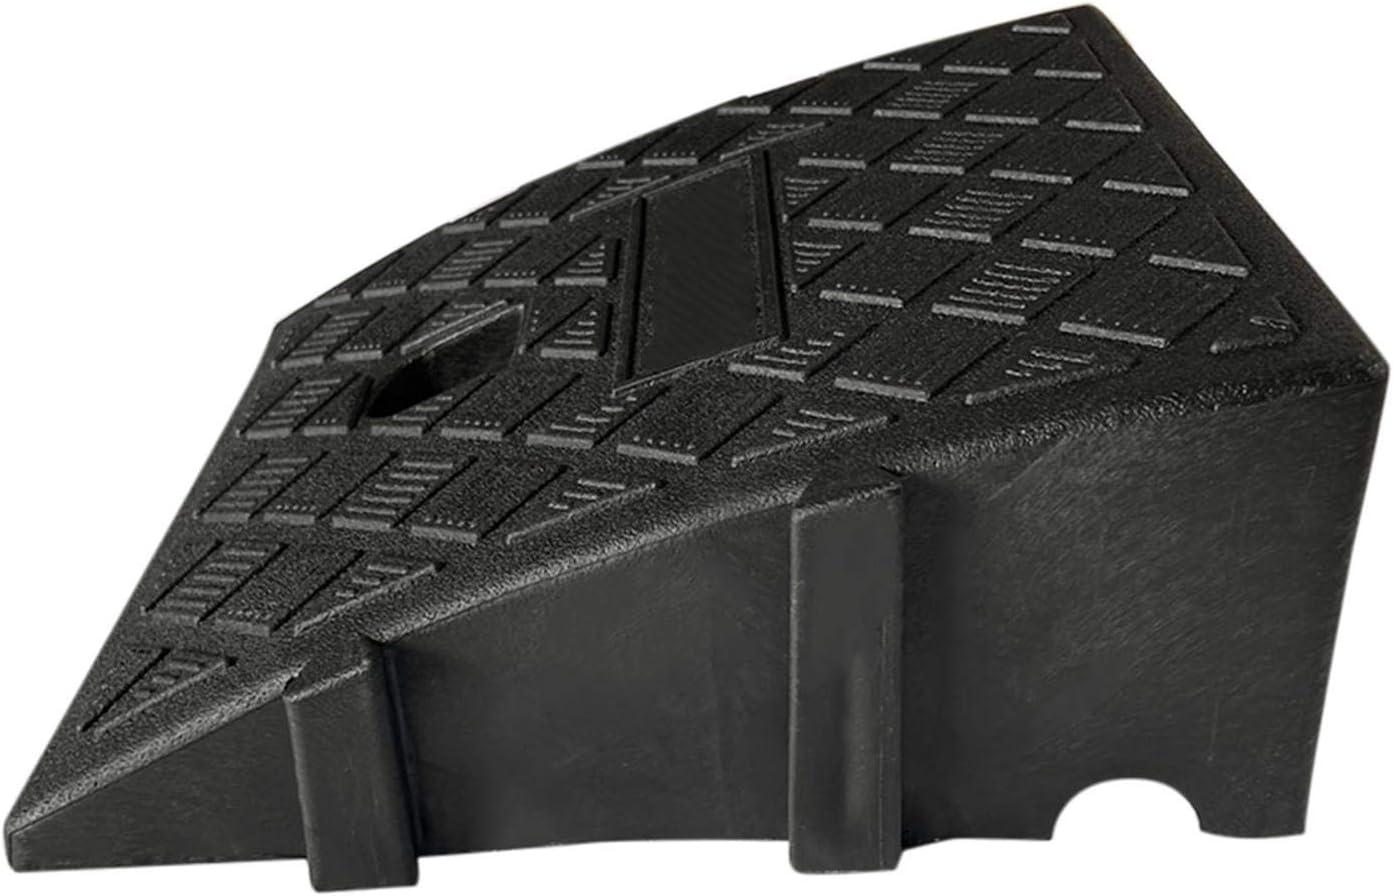 Earlyad Curb Sale SALE% OFF Ramp Portable Lightweight Max 90% OFF Duty Thresh Heavy Plastic